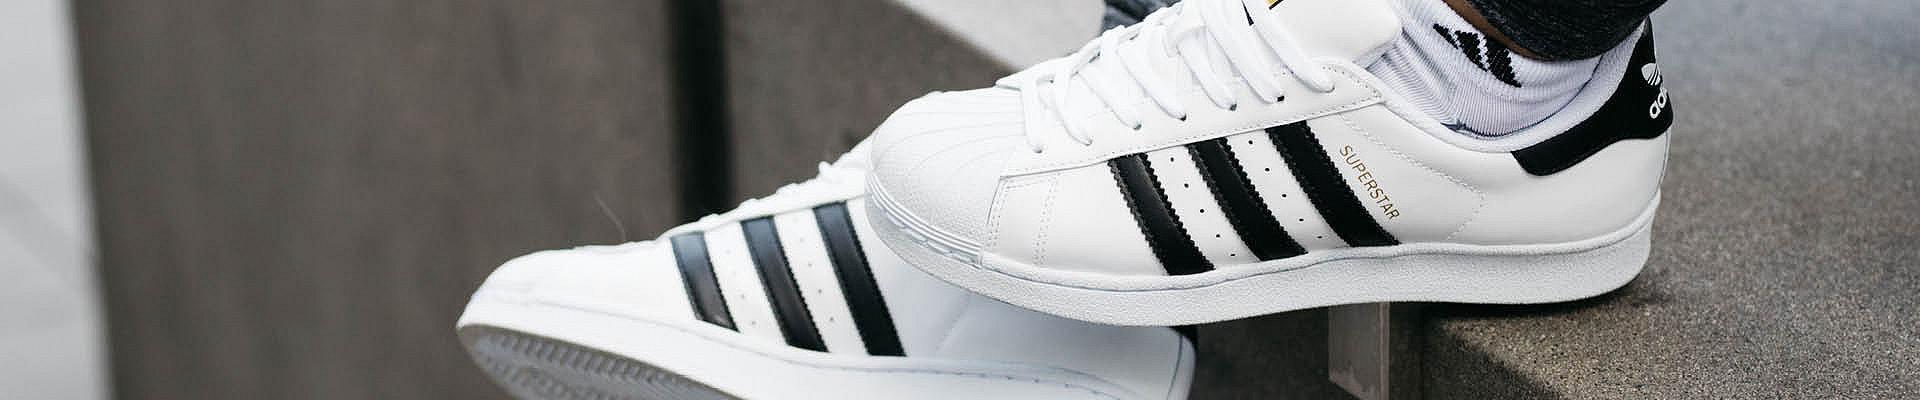 Men\'s Shoes & Footwear   Sport Chek